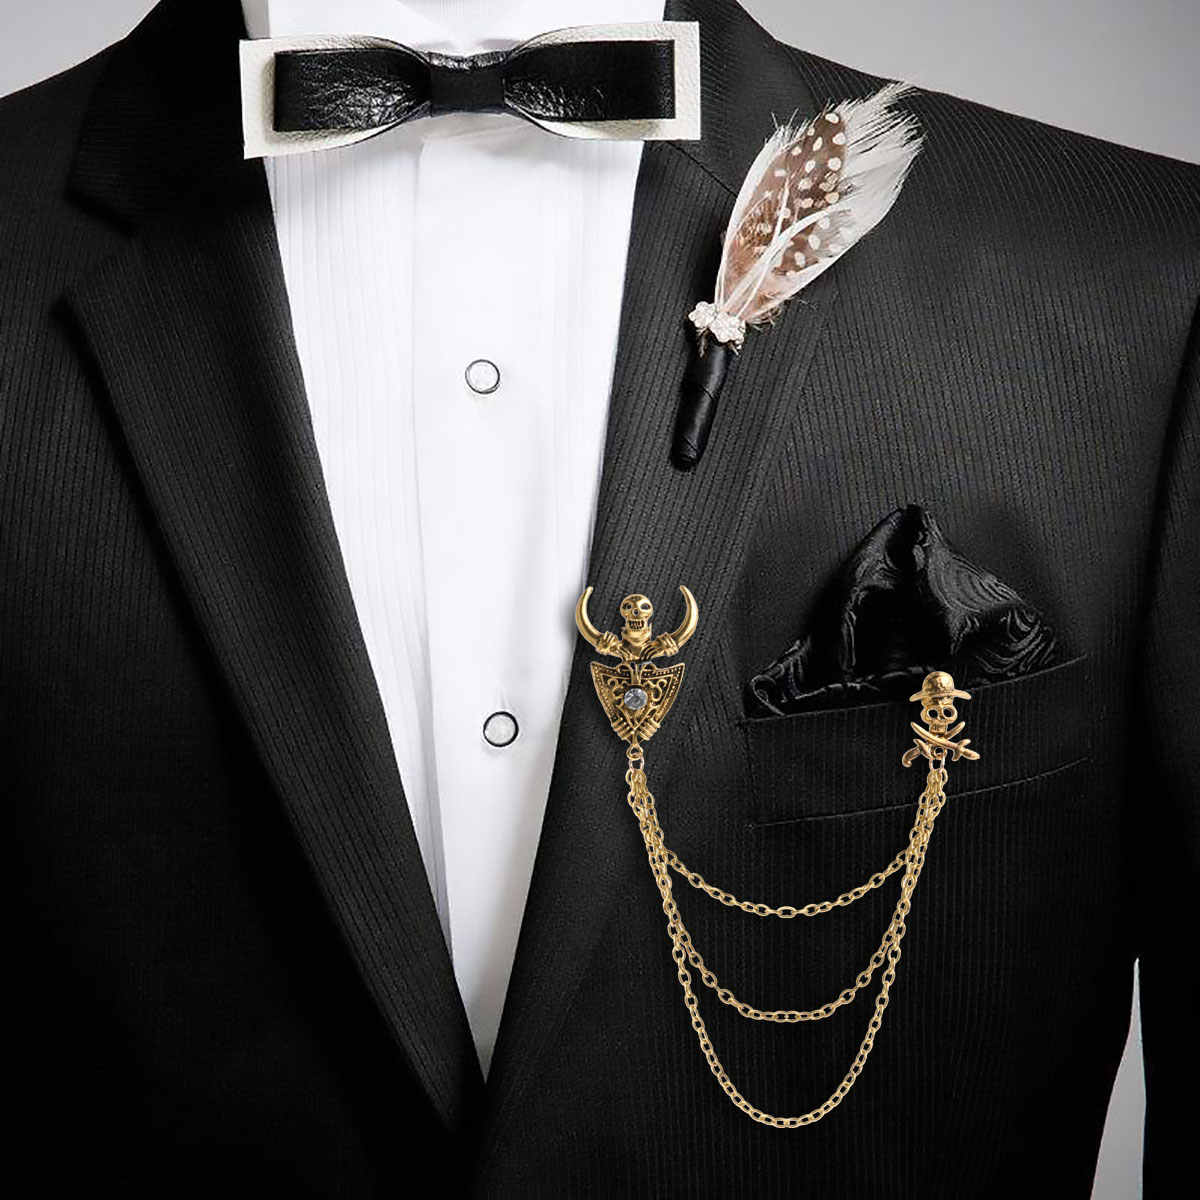 남여 우아한 옷깃 핀 블라우스 카디건 셔츠 칼라 클립 목 팁 술의 체인 브로치 빈티지 고딕 diy 쥬얼리 핀 브로치